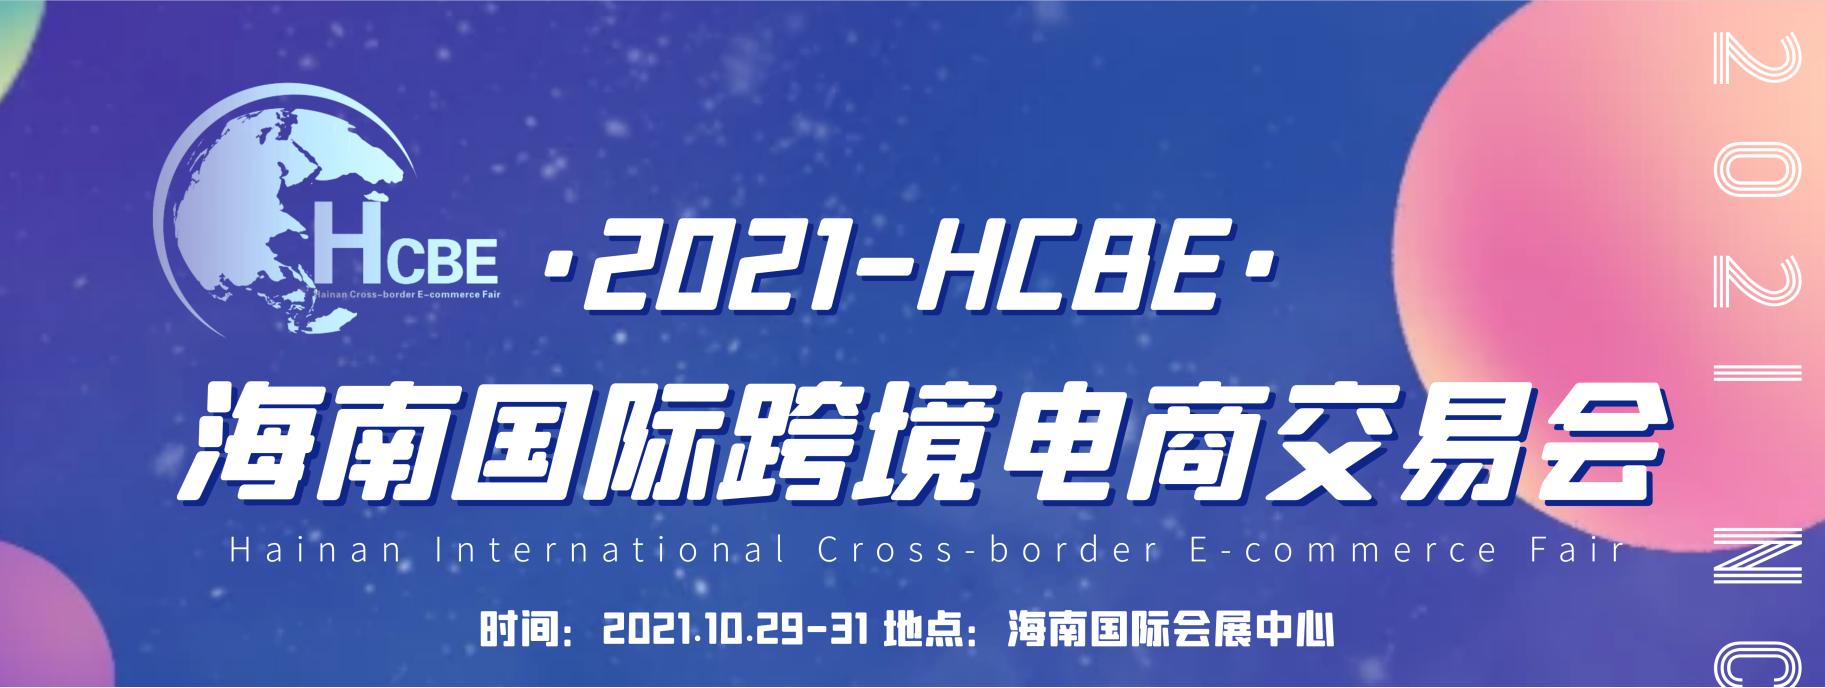 2021海南跨境电商展(www.828i.com)